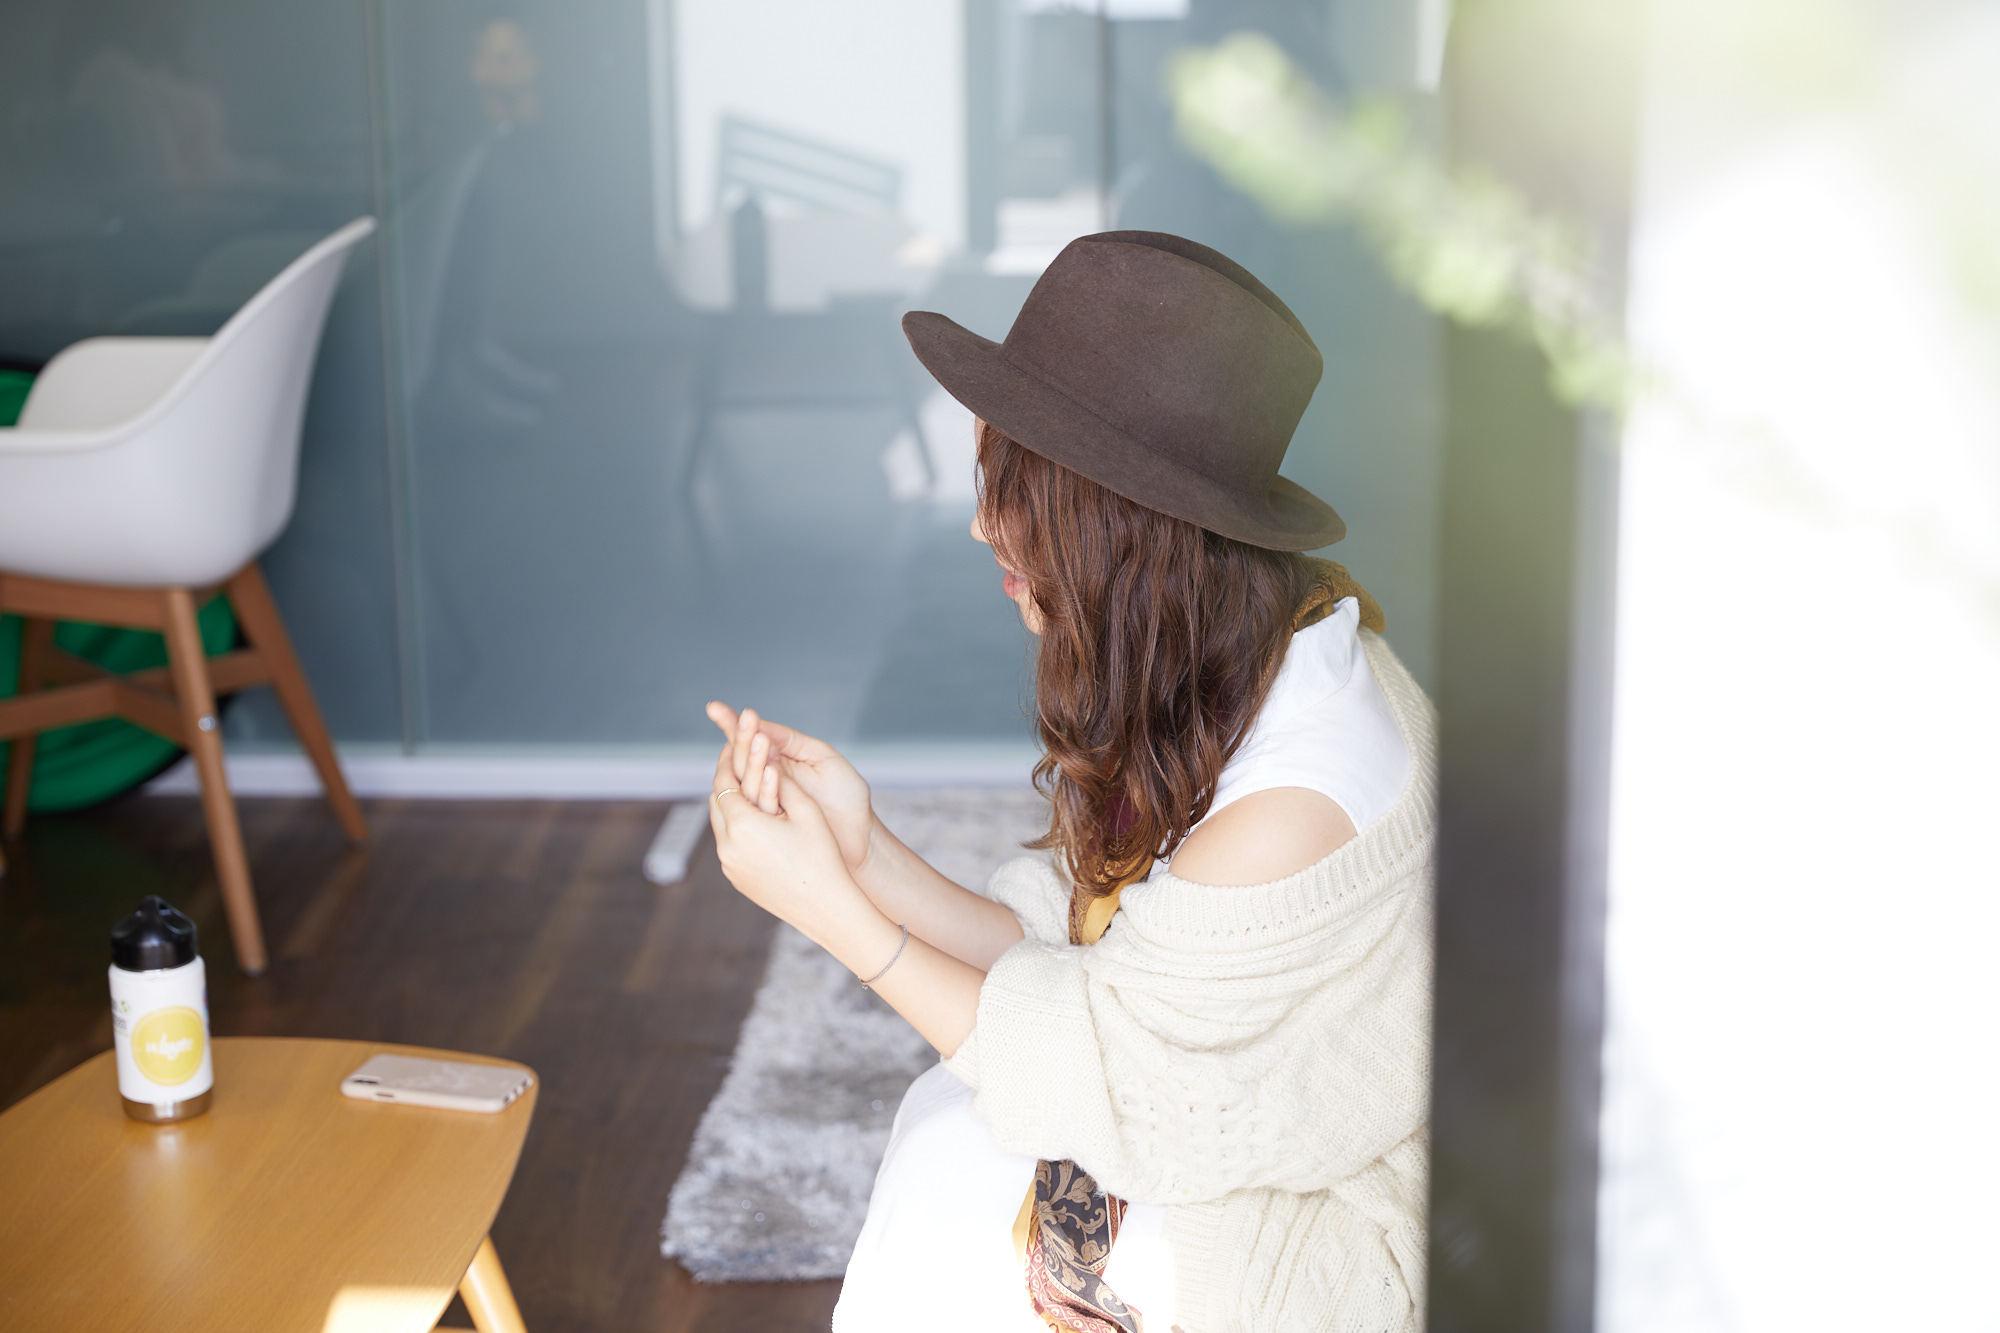 窓の外から撮影したエバンズ亜莉沙さんの横顔